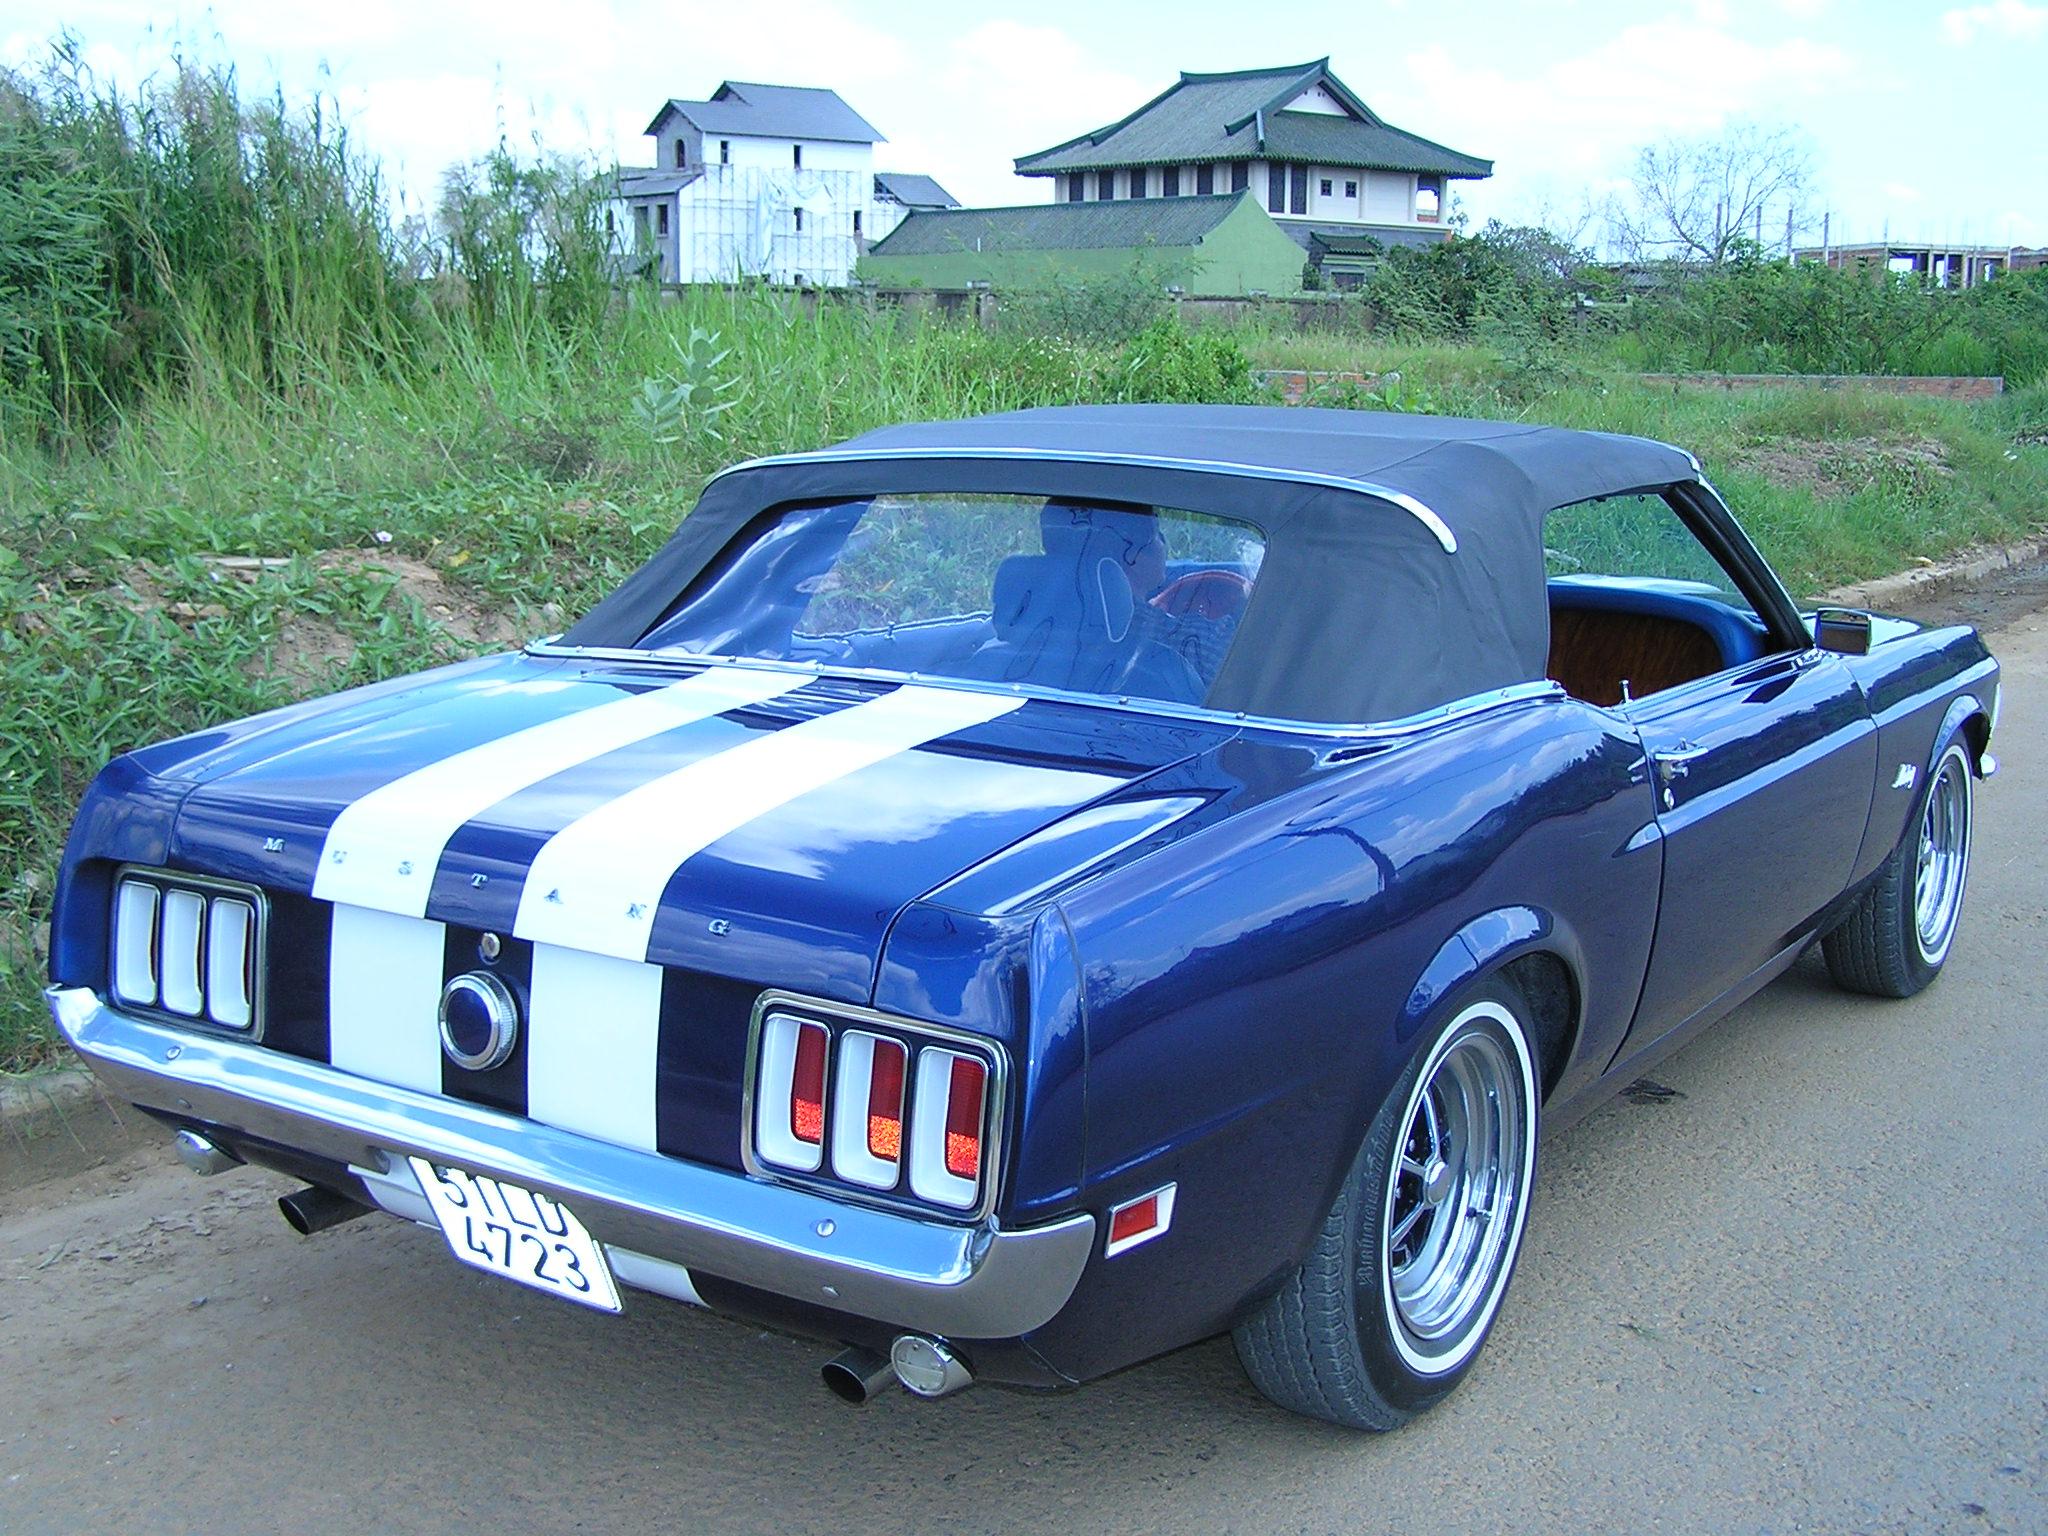 Khám phá xe cổ Ford Mustang 1970 tại Sài Gòn_19